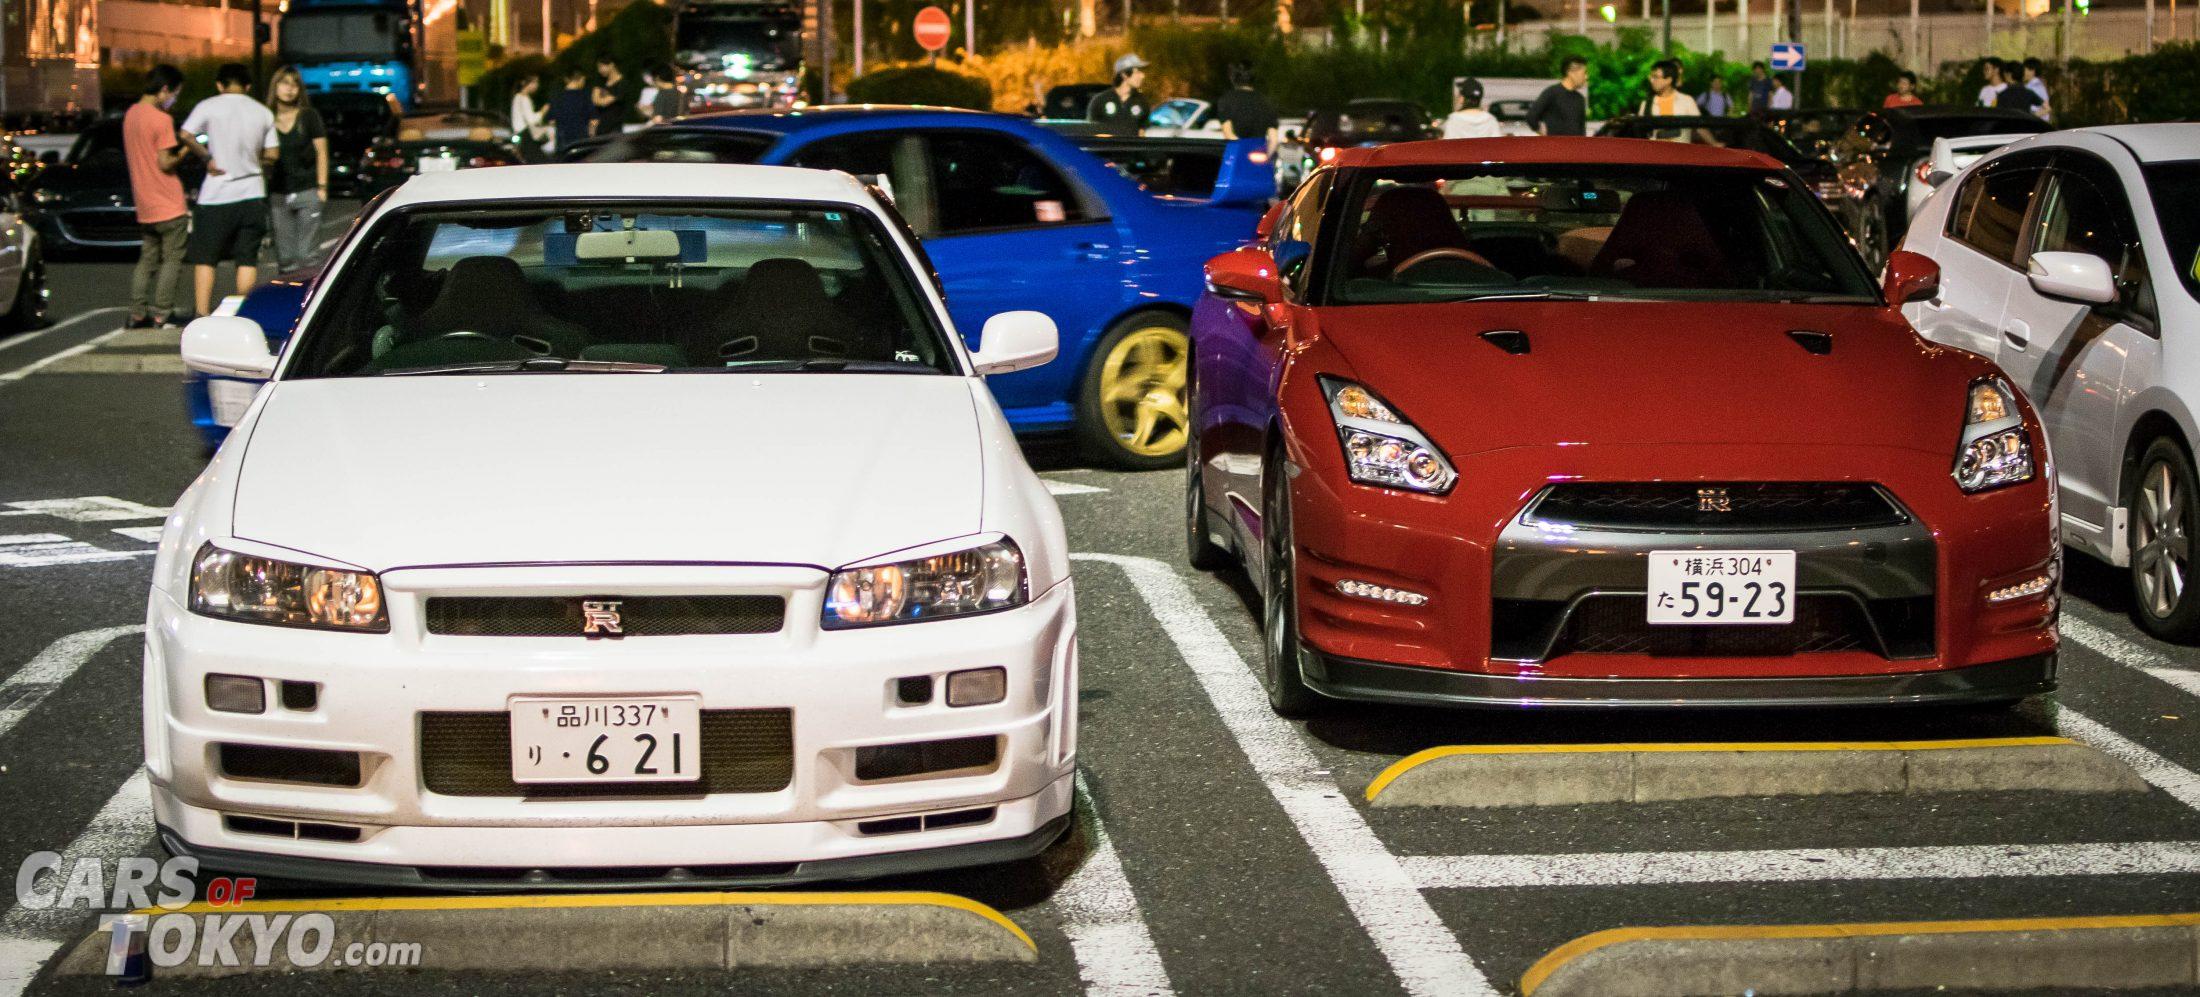 cars-of-tokyo-daikoku-nissan-gtr